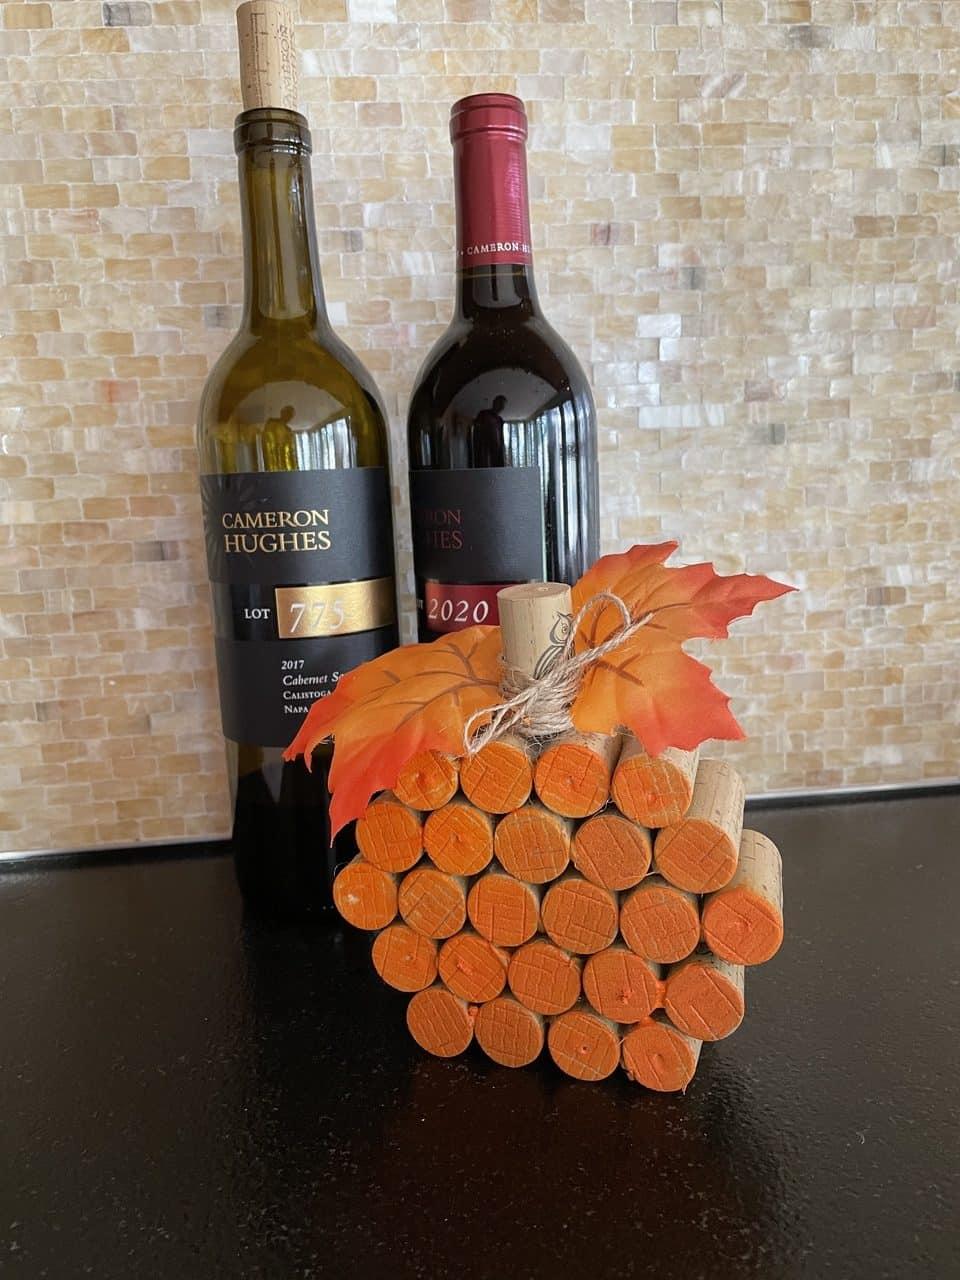 wine cork pumpkin and wine bottles